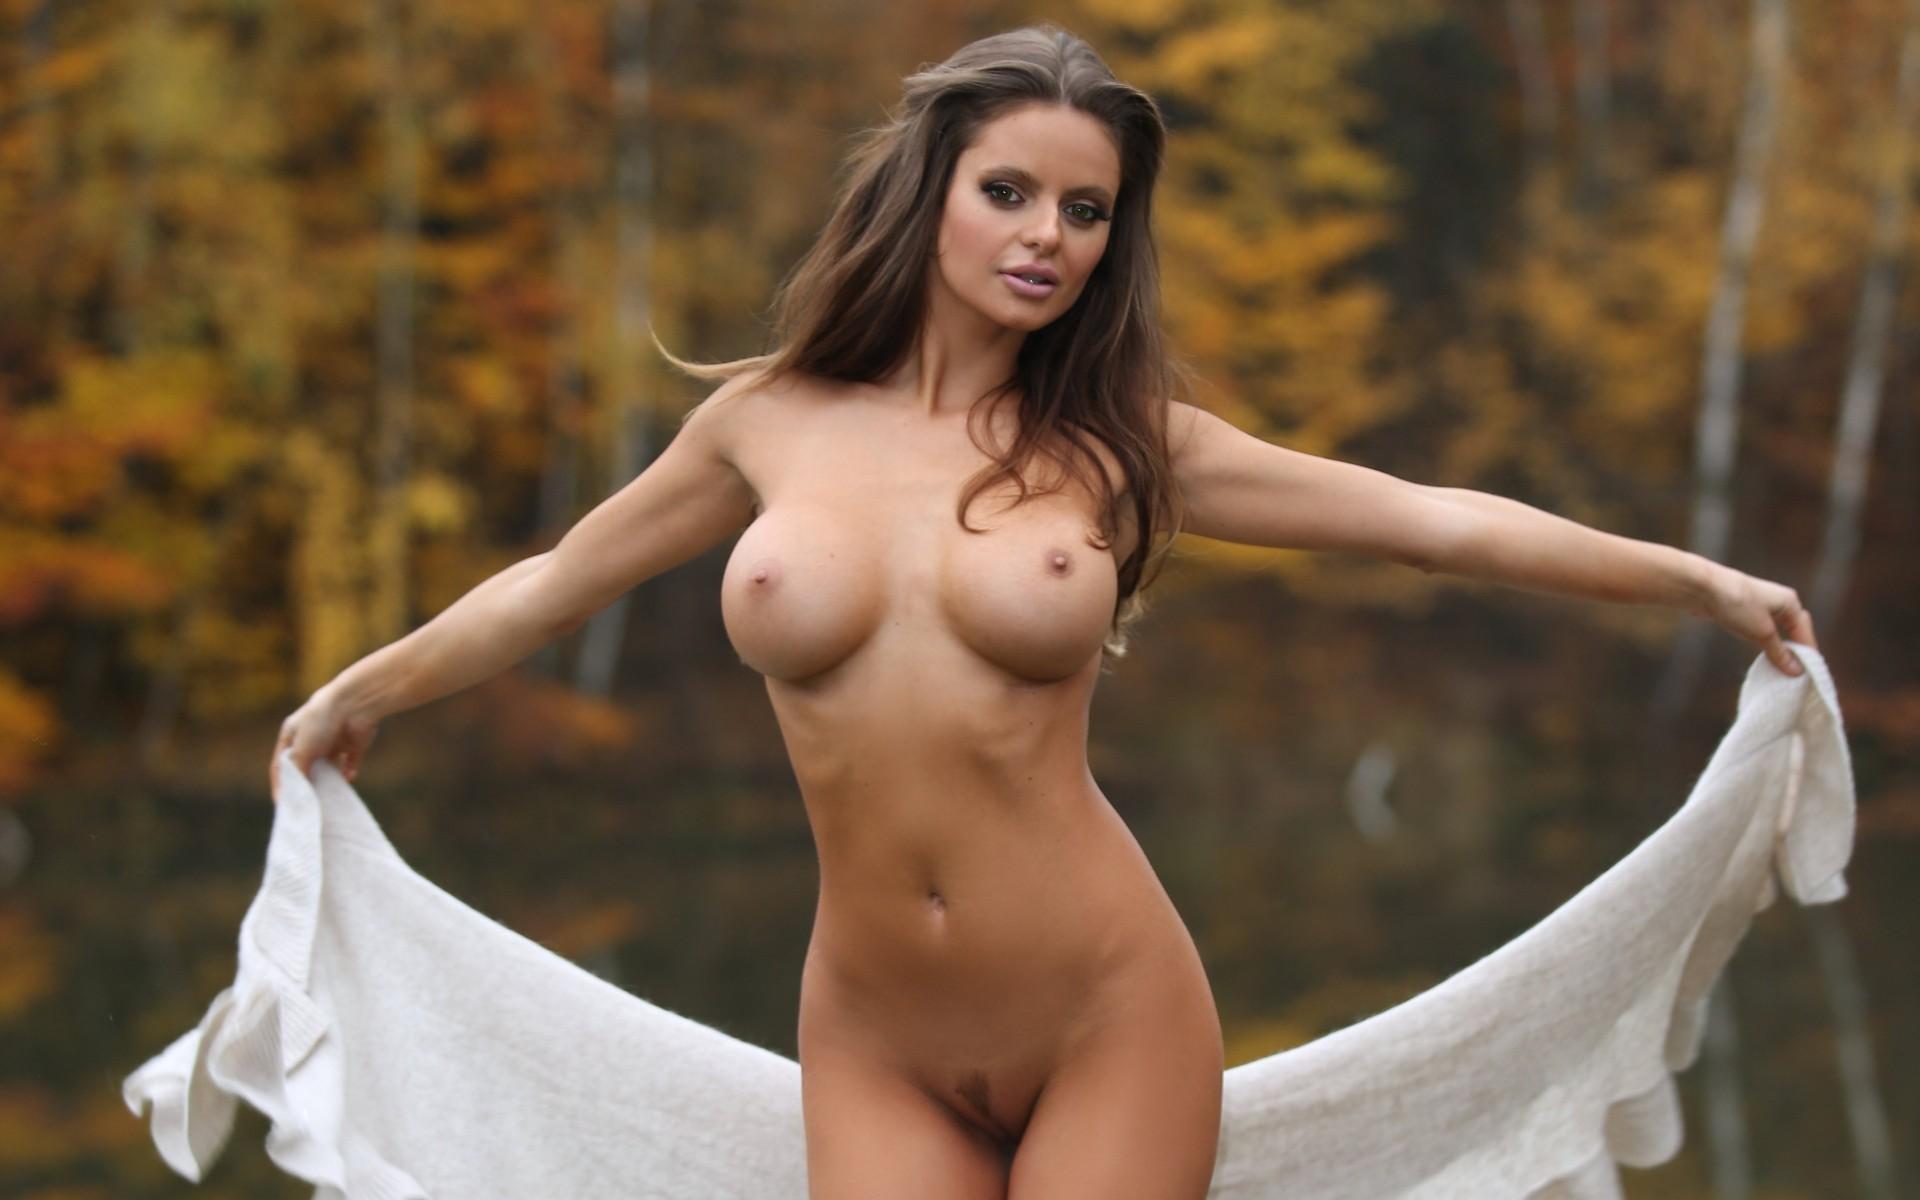 девчата эротика обнаженных тел на фотосессии когда болезненное возбуждение